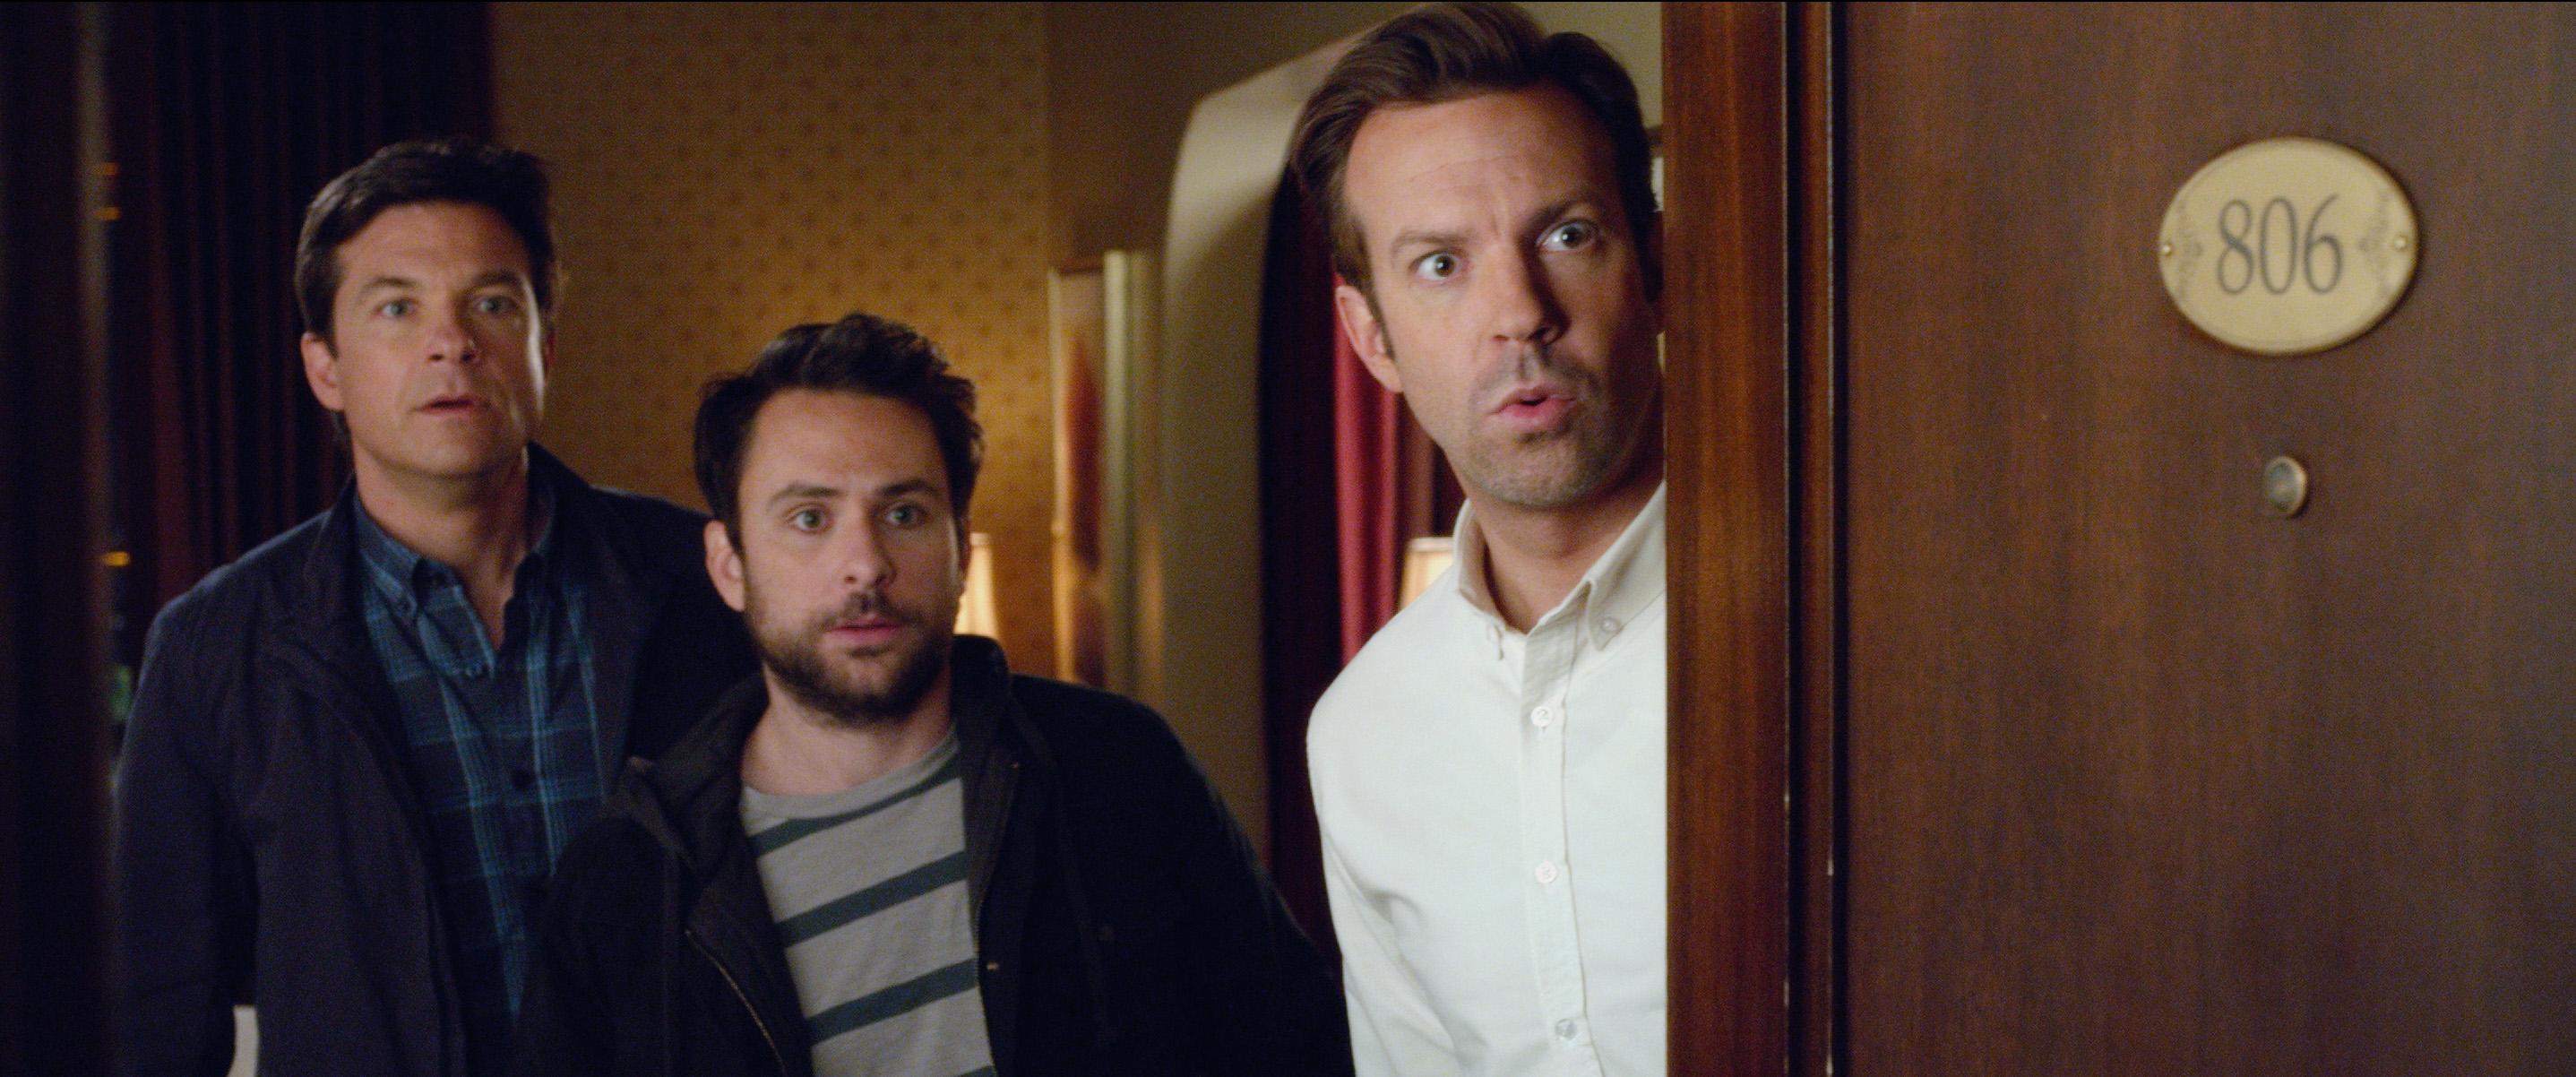 """2011 yılının hit komedisi """"Patrondan Kurtulma Sanatı/Horrible Bosses""""ın devam filmi, Jason Bateman, Charlie Day ve Jason Sudeikis'ı herkesin en sevdiği çalışanlar; Nick, Dale  ve Kurt, rollerinde tekrar biraraya getiriyor."""